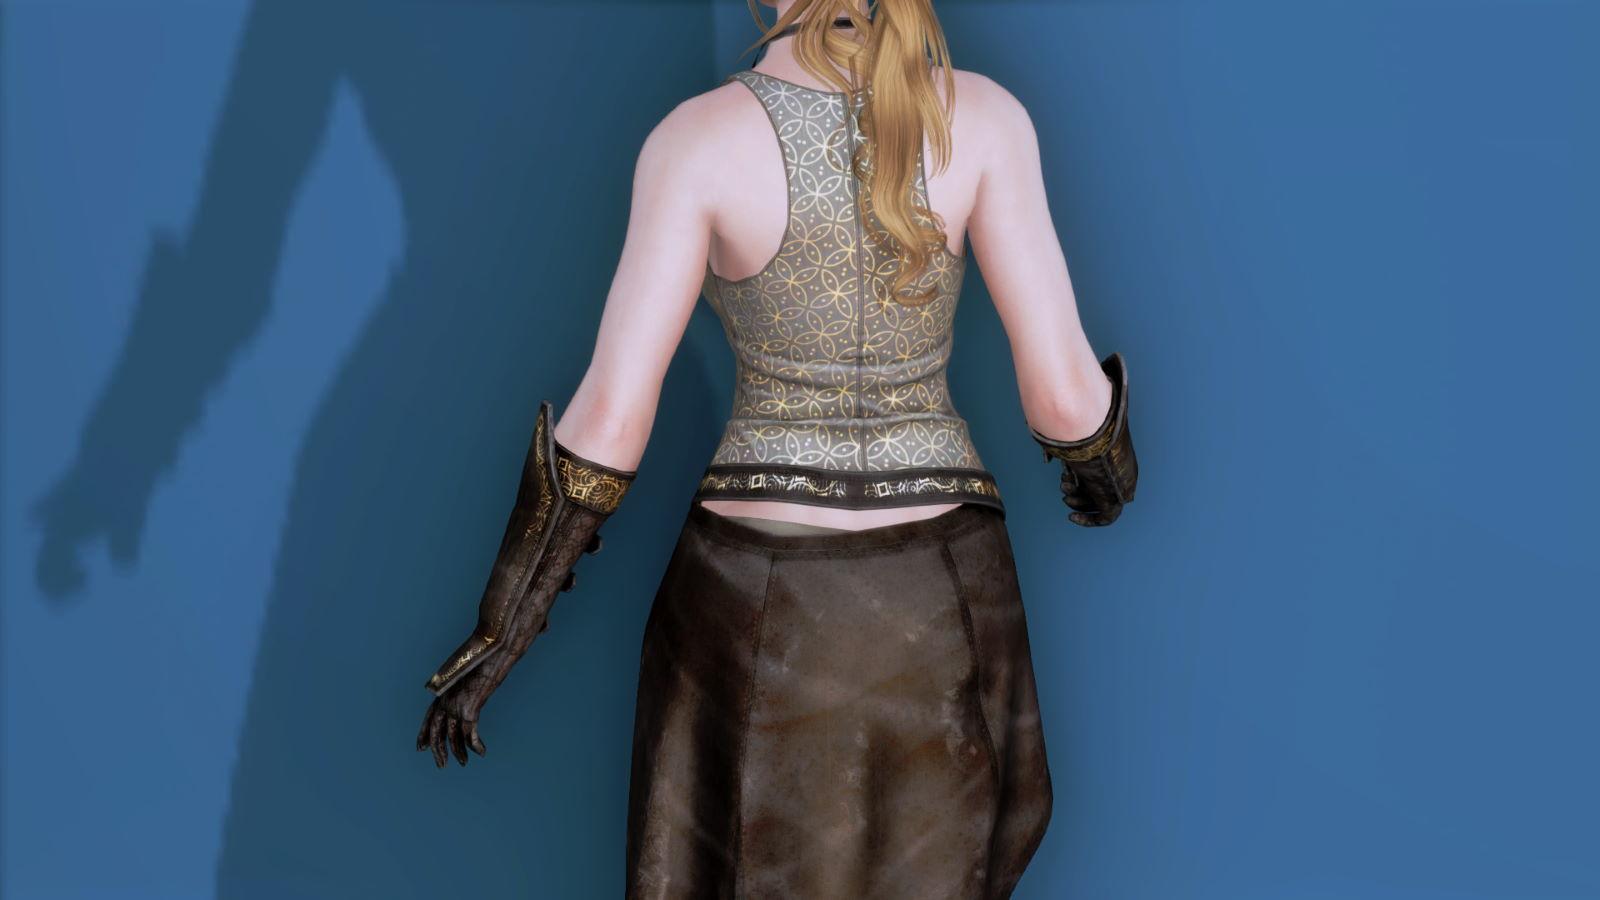 RuggedRogueSSE 213-1 Pose Up-Ba-F Vest Skirt 1